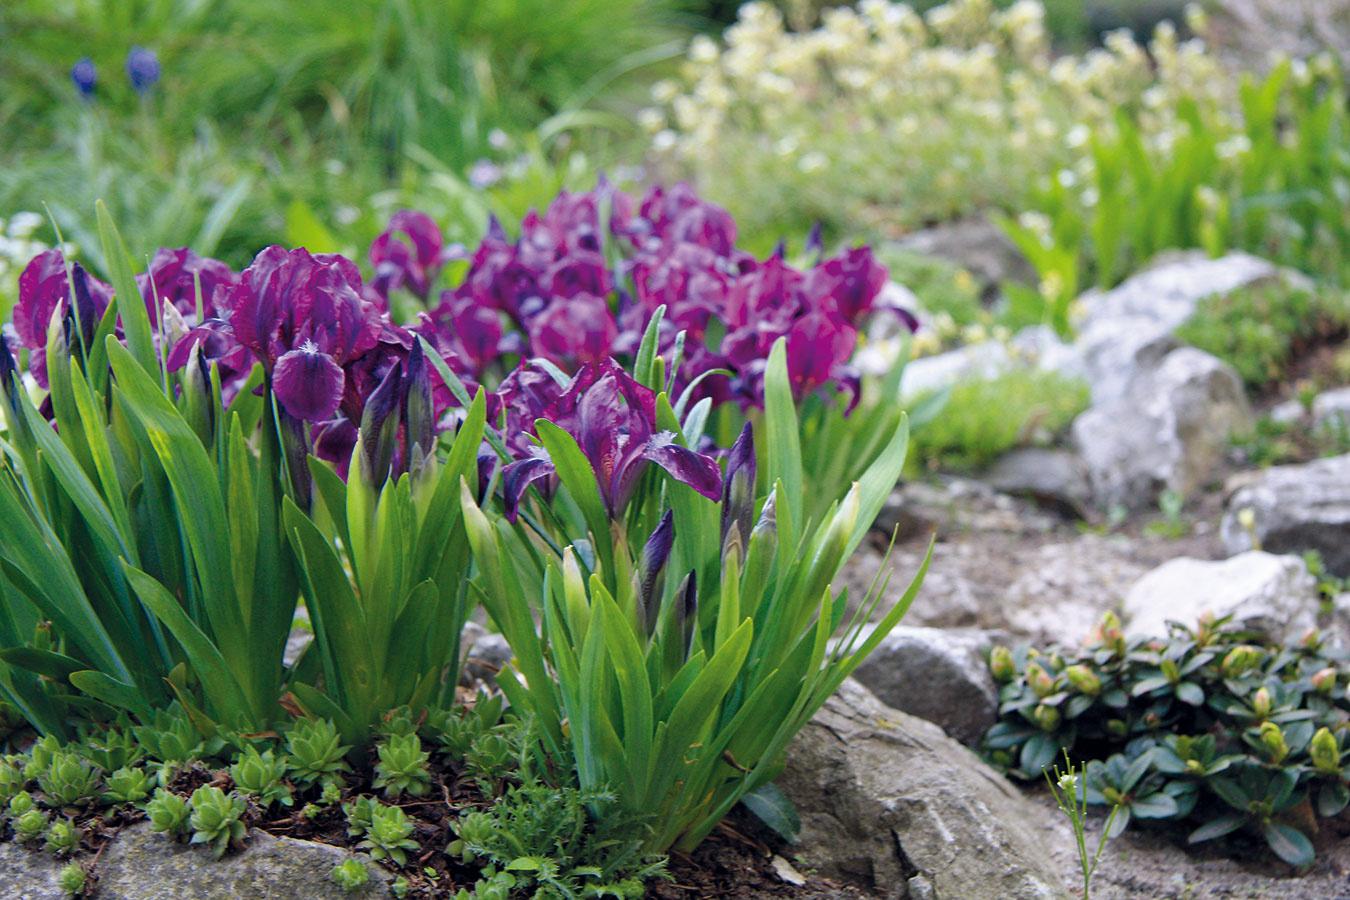 Jar je vhodná na nákup skalničiek. Dostať ich kúpiť aj v kvitnúcom stave a tak ich možno aj s koreňovým balom vysadiť. Skalku spestria hľuznaté rastliny (veternice), zakrpatené ihličnany (cyprušteky, smreky), kobercové skalničky (floxy, taričky, lomikamene) alebo aj rôzne vzácne rastliny (poniklec, hlaváčik, soldanelka). Postup výsadby je jednoduchý. Ak je rastlina suchá, treba ju pred výsadbou dobre zaliať. Pomocou menšej lopatky sa potom opatrne vyhĺbi jama, na jej dno sa nasype trochu kamienkov a vysadí sa rastlina. Jej bal treba zasypať substrátom podľa požiadaviek vysádzaného druhu. Povrch substrátu následne zalejte a nasypte naň drobnú kamennú sutinu.